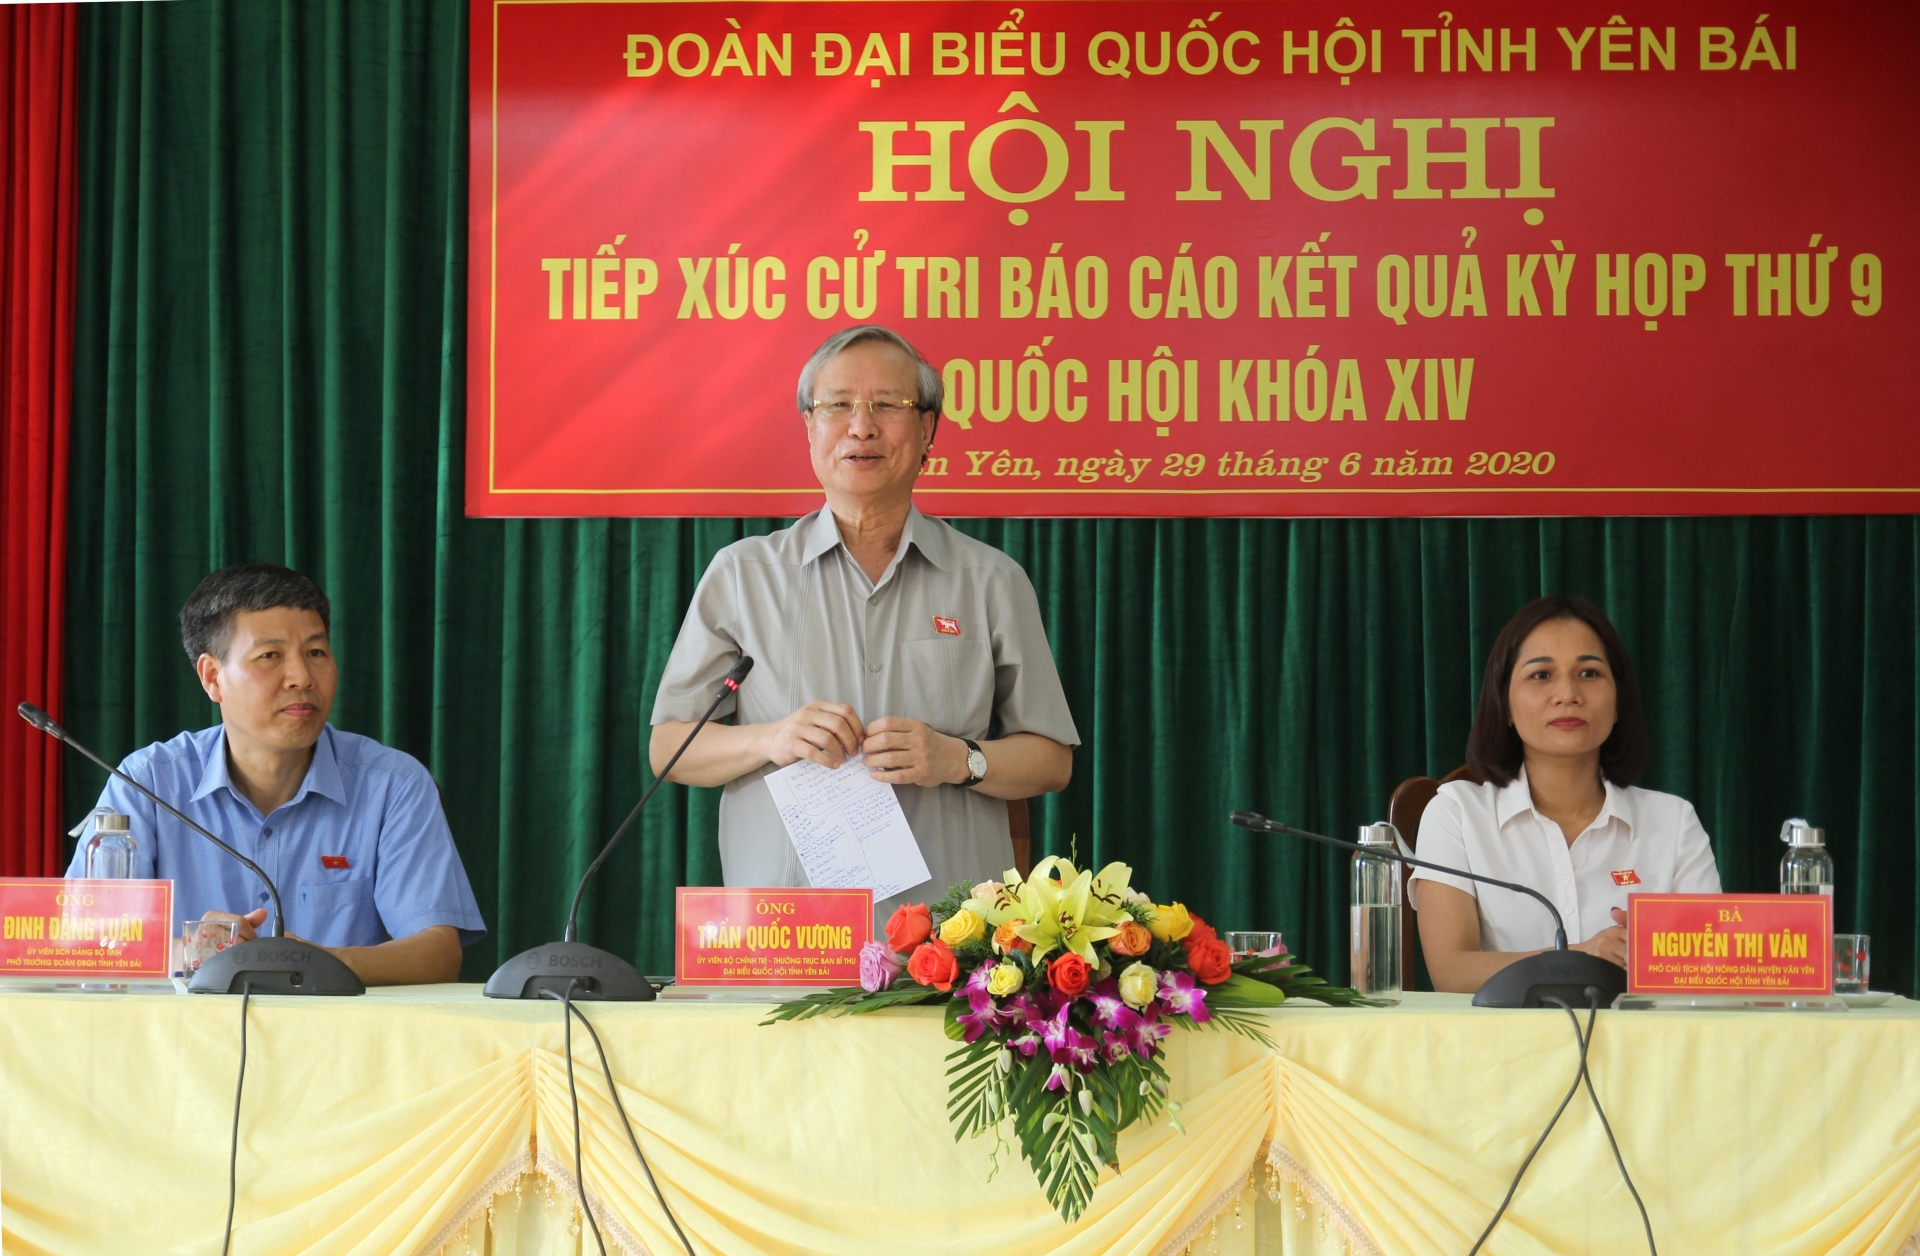 Yên Bái: Thường trực Ban Bí thư Trần Quốc Vượng tiếp xúc cử tri huyện Trấn Yên